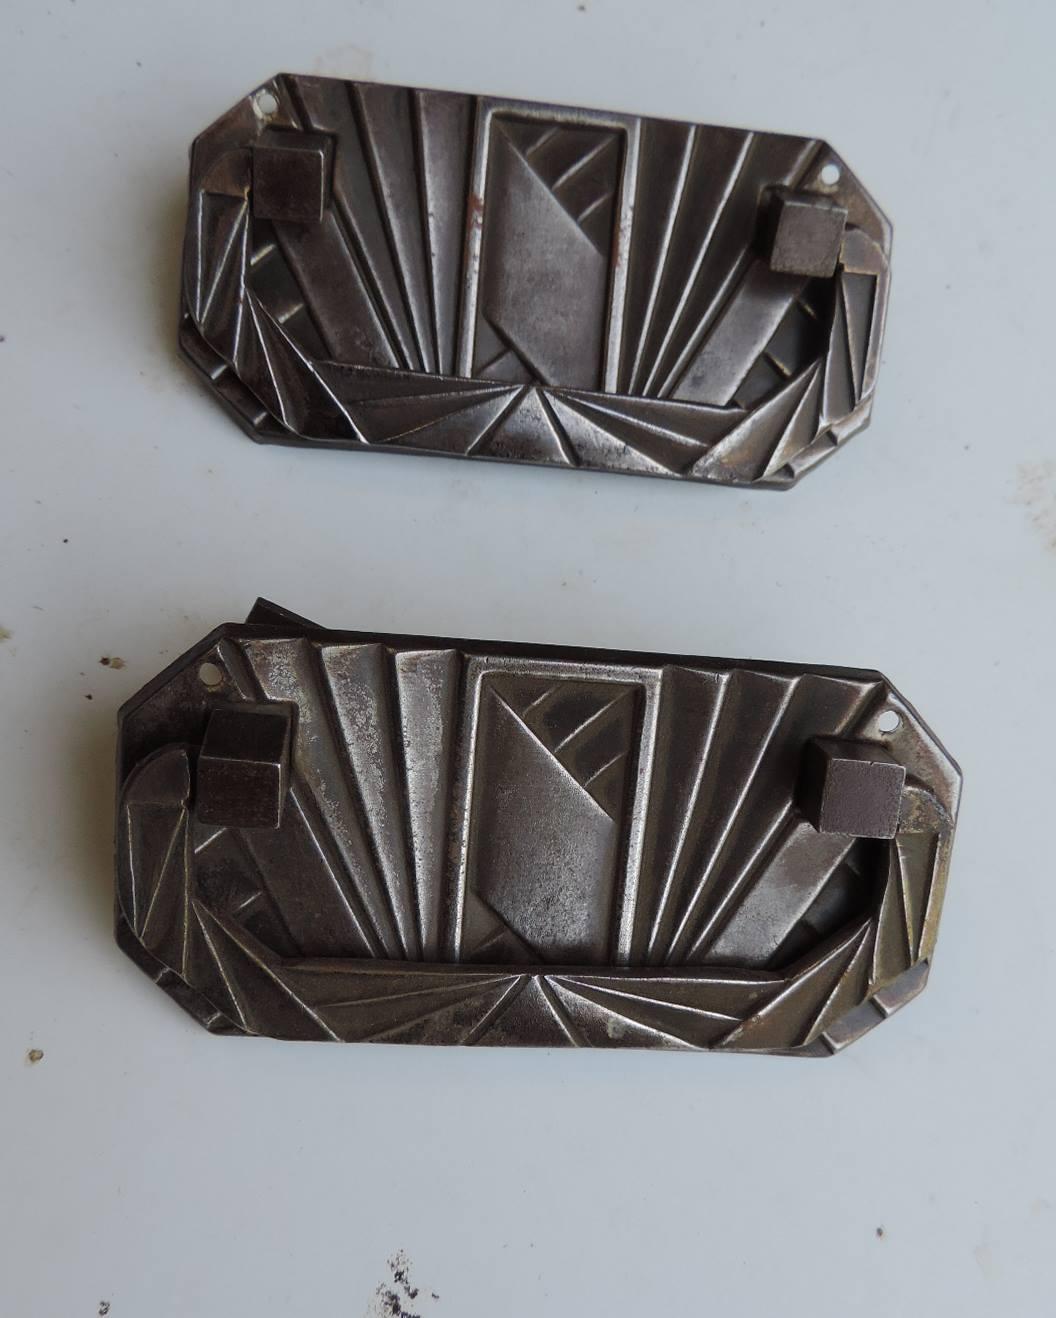 poignes anciennes en fer de meuble art dco dimensions l10 cm x h 5cm prix 20 la paire rf j l